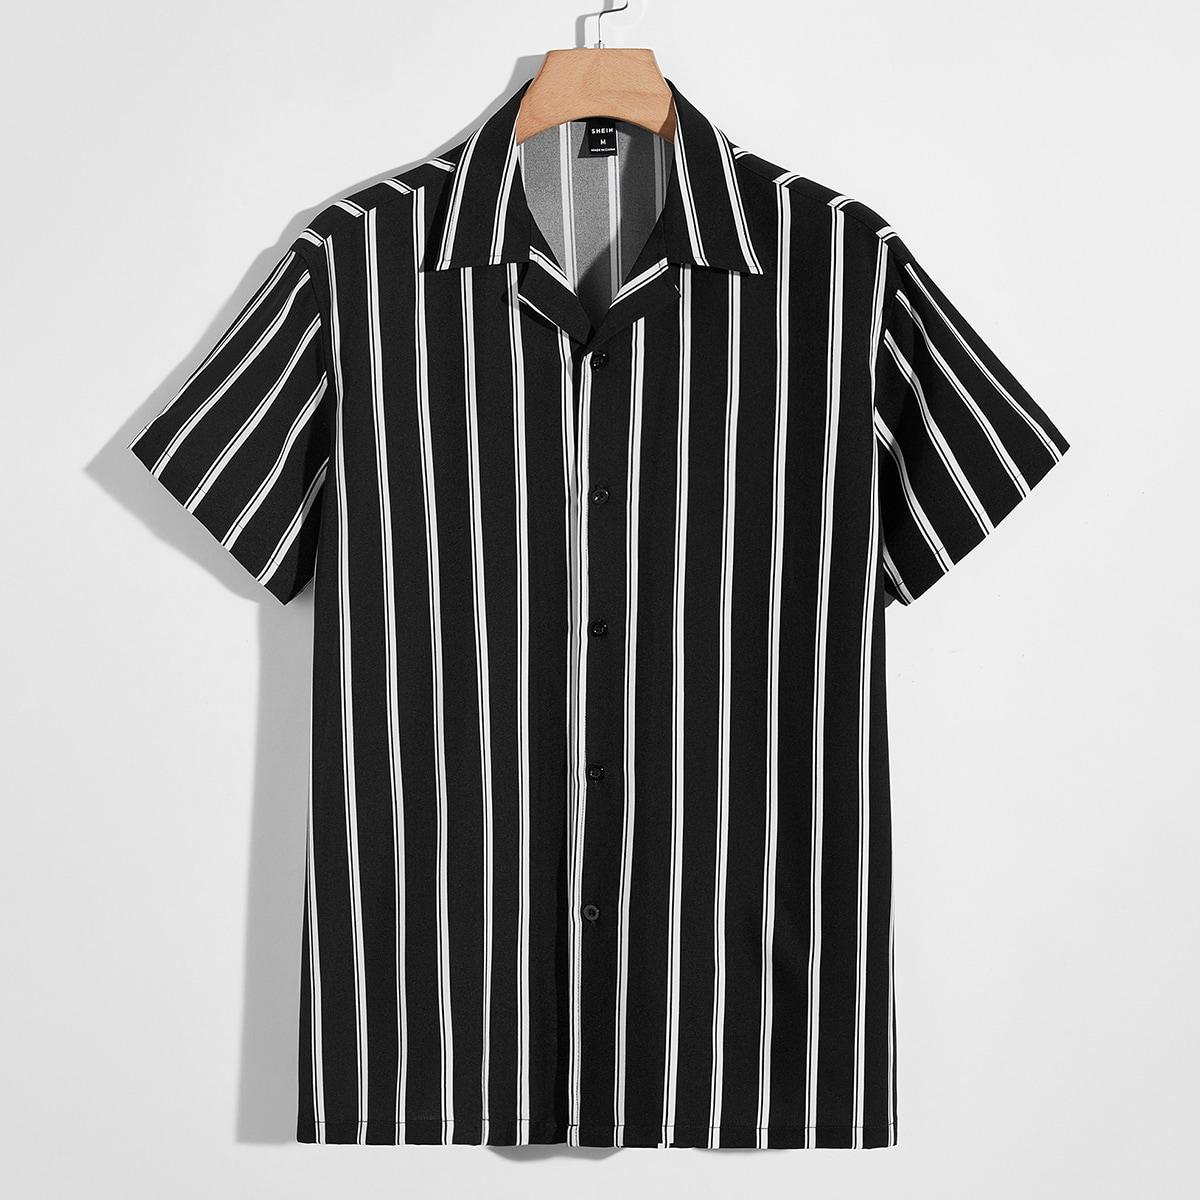 Мужской Рубашка с лацканами в полоску SheIn smshirt07210608631